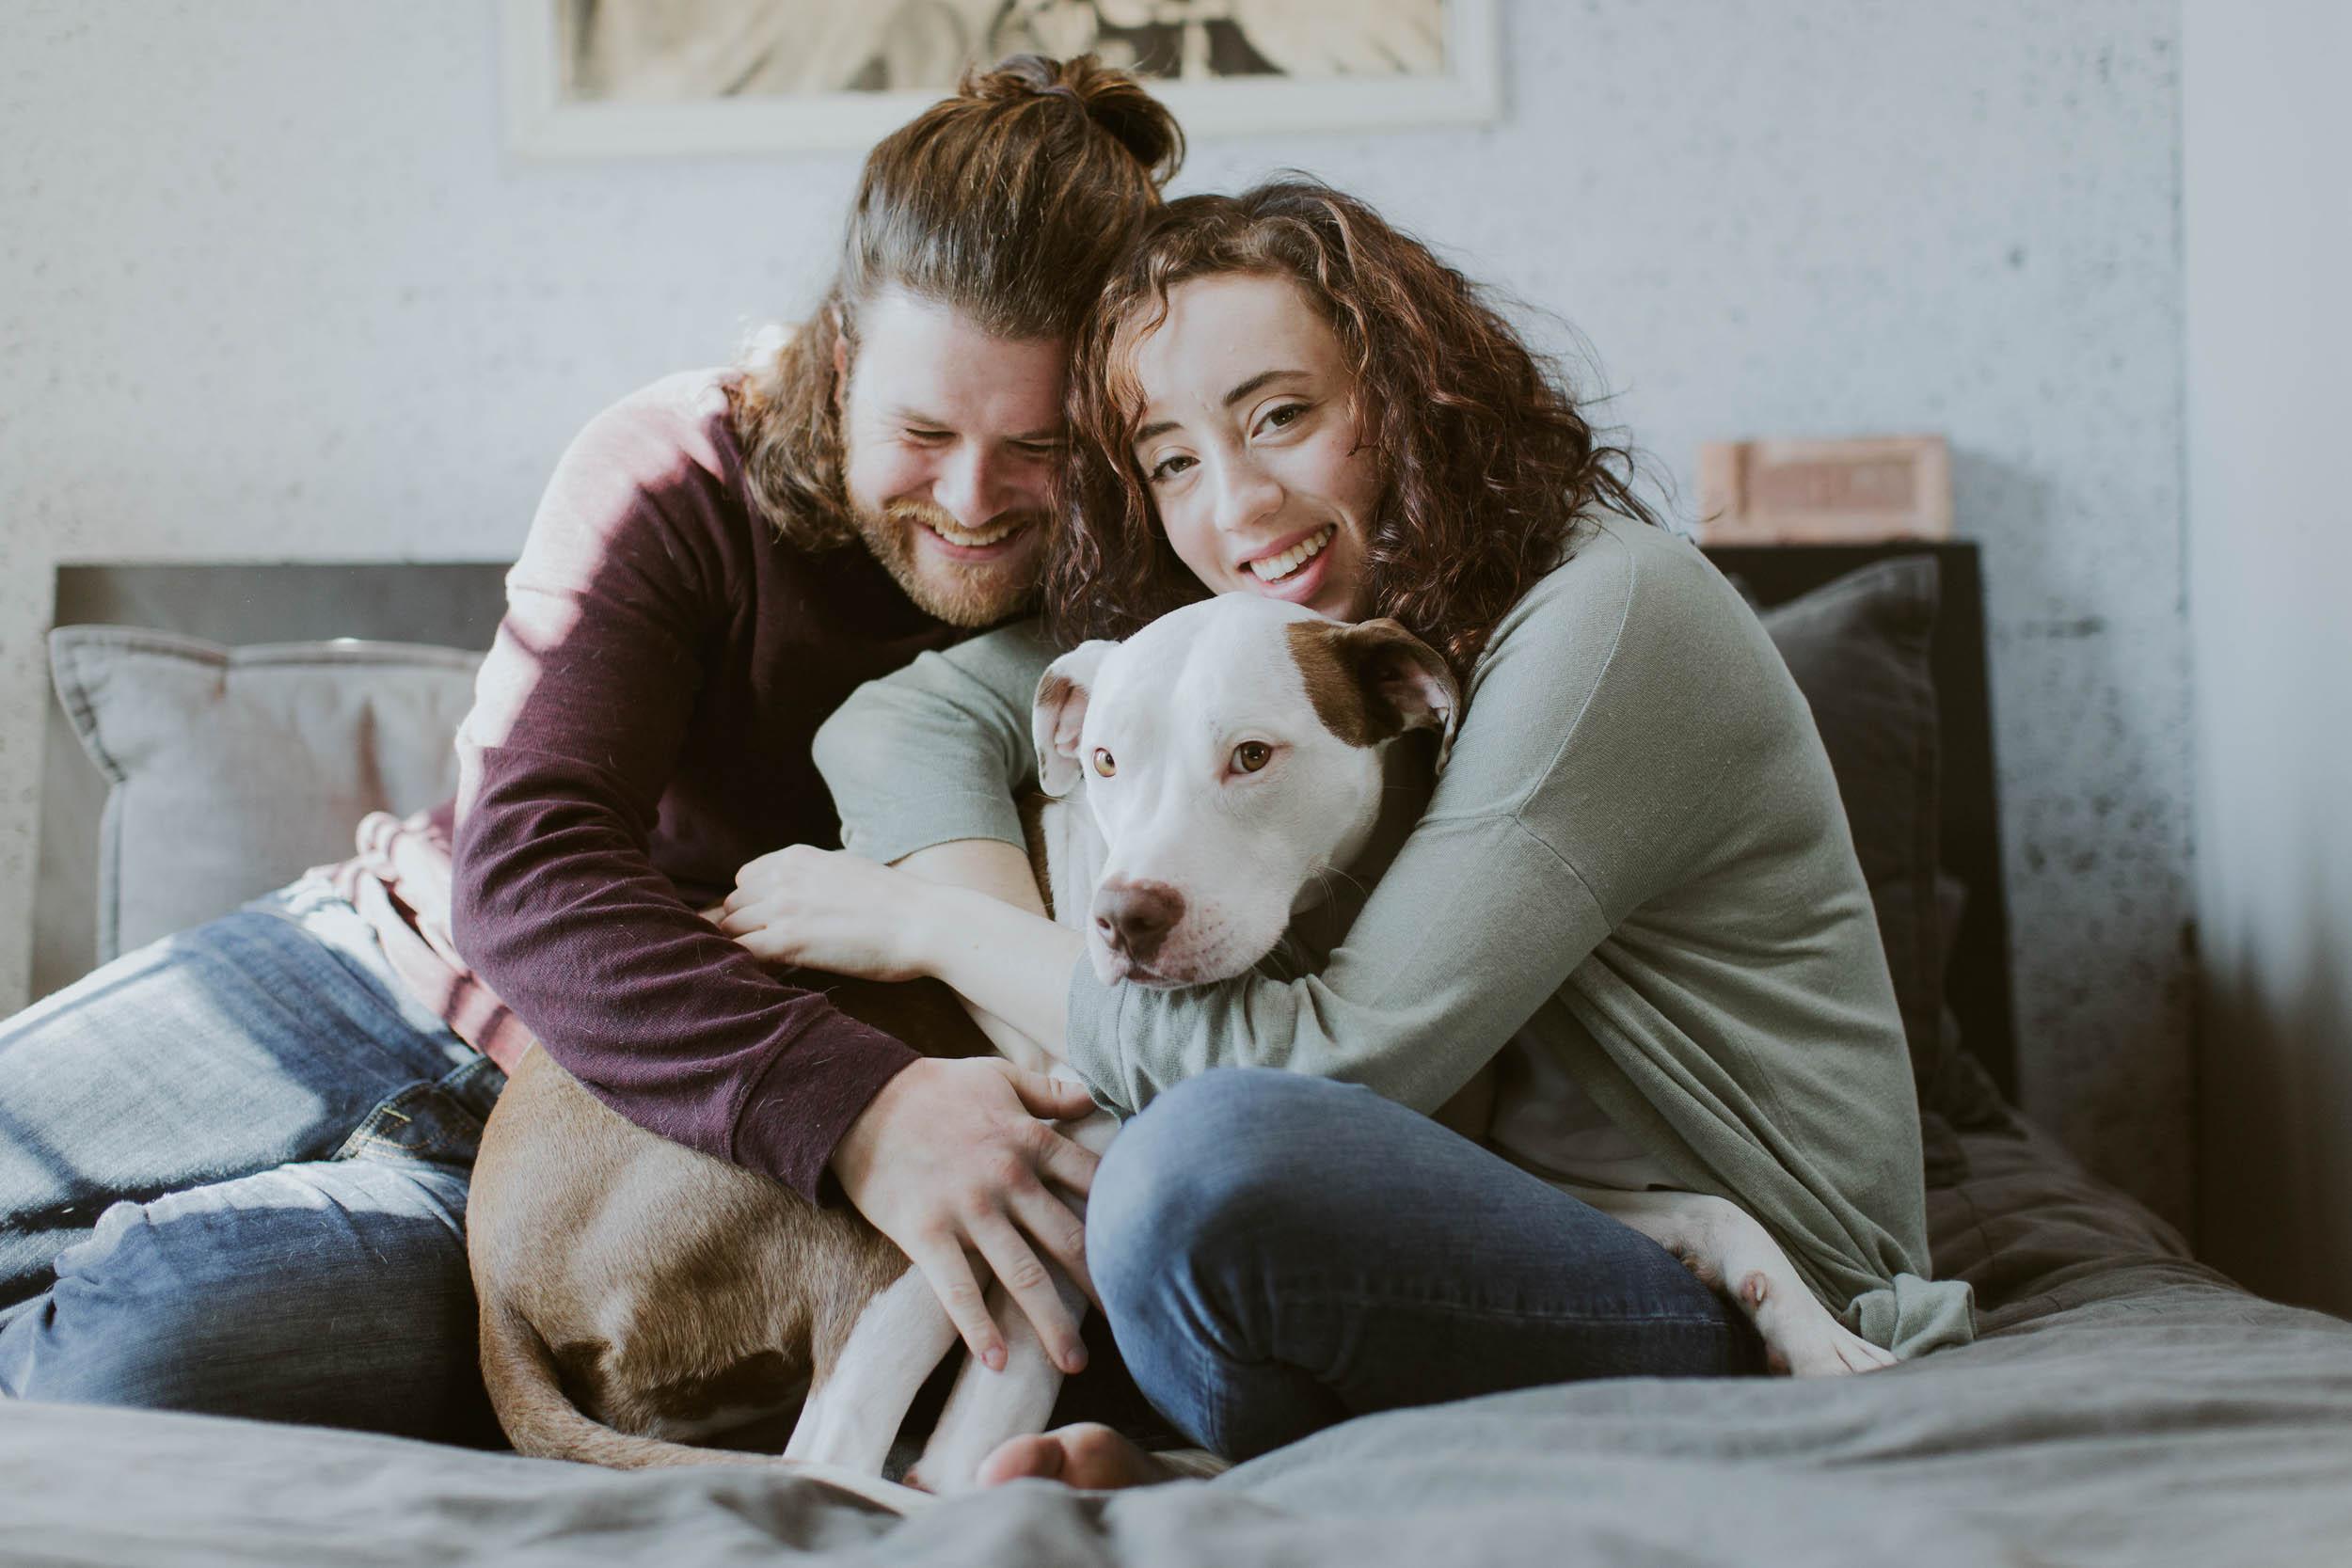 Kristen-Humbert-Family-Photoshoot-Philadelphia_Ruby-James-W-2-10.jpg